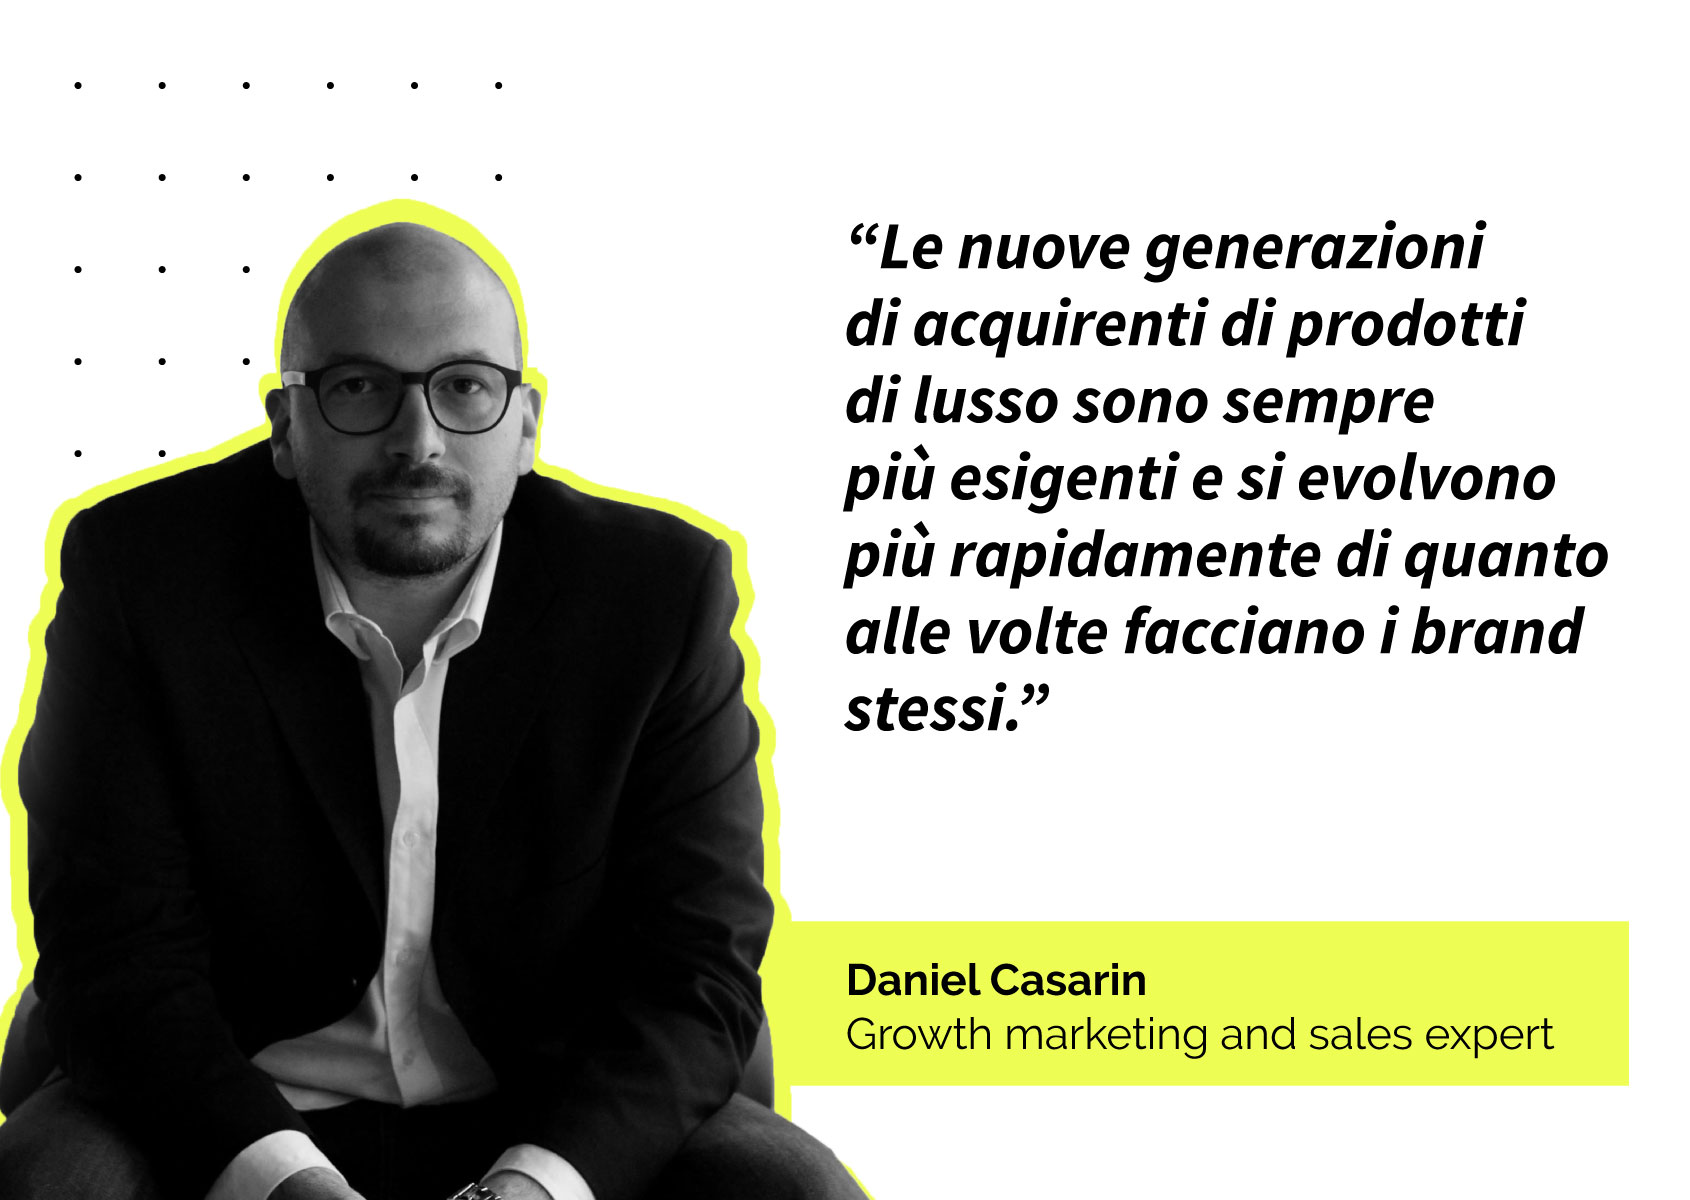 """Quote: """"Le nuove generazioni di acquirenti di prodotti di lusso sono sempre più esigenti e si evolvono più rapidamente di quanto alle volte facciano i brand stessi."""""""